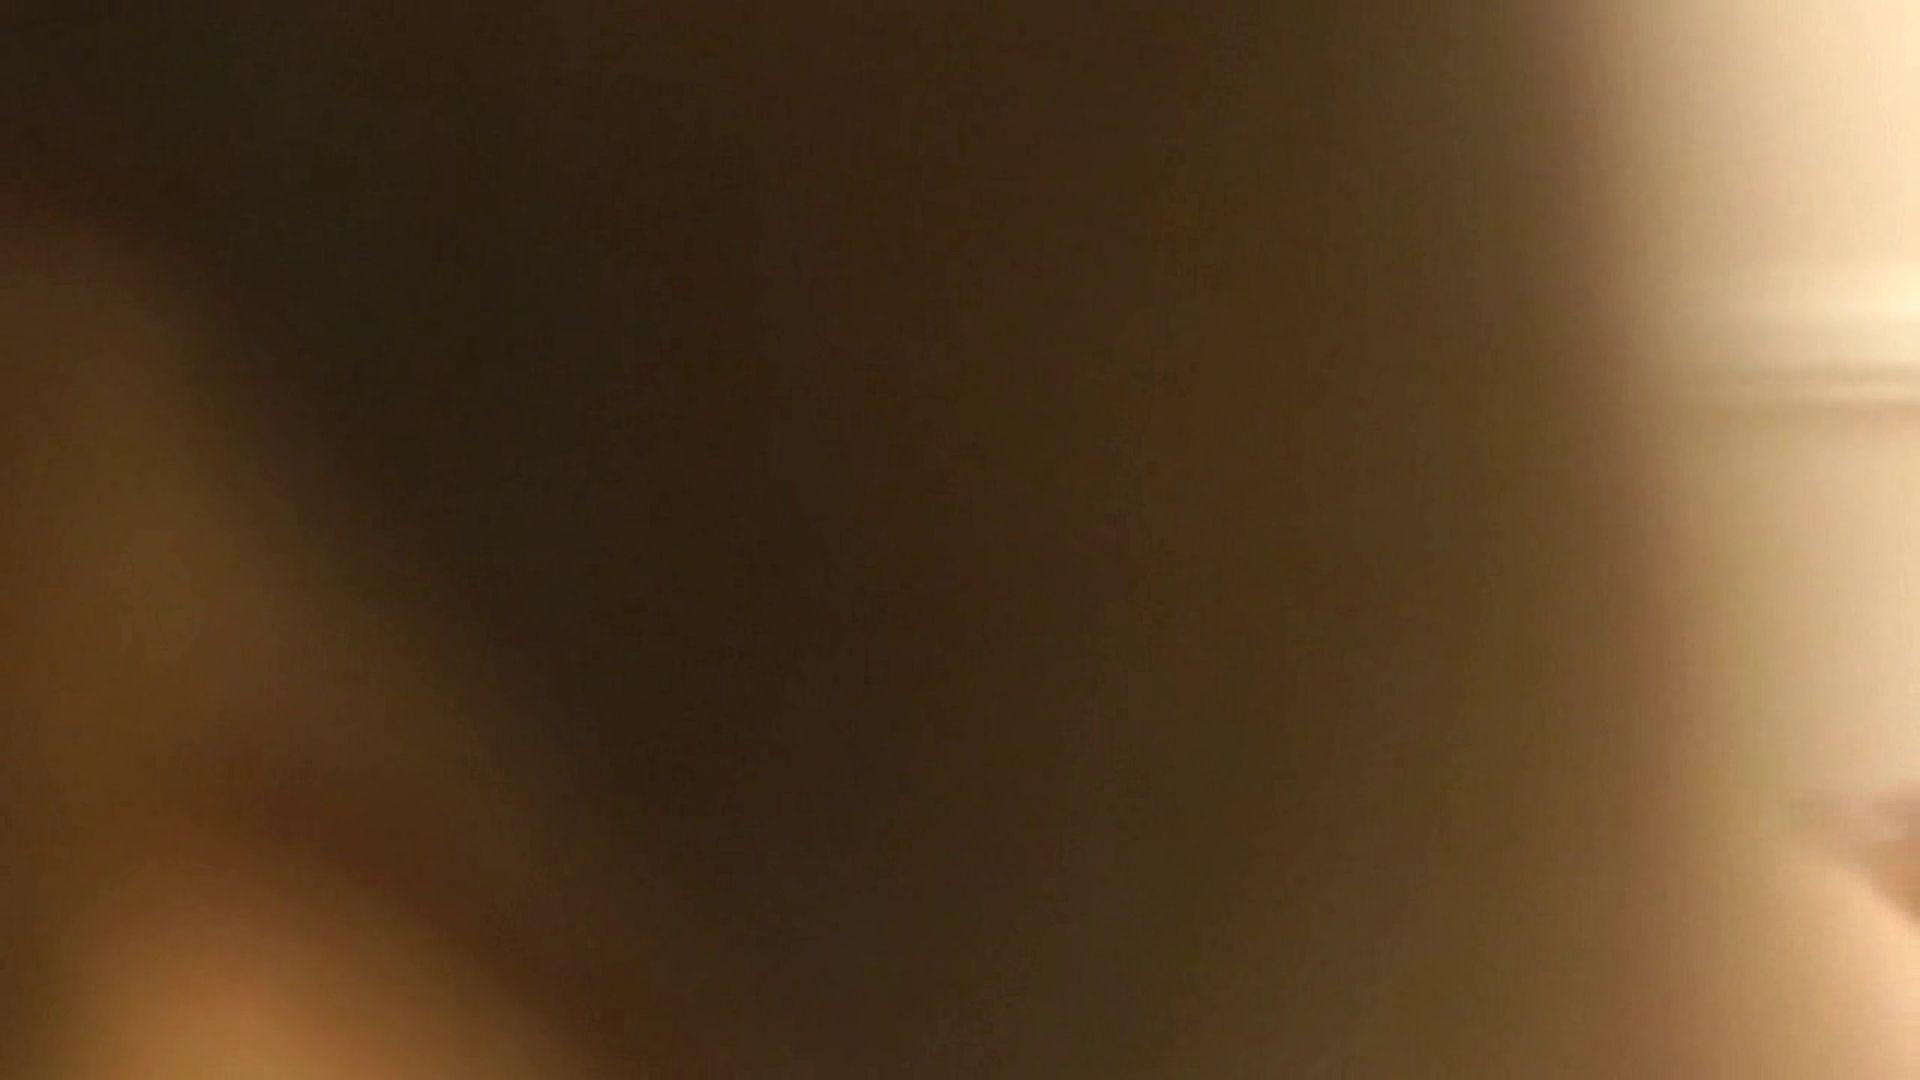 vol.1 Mayumi 窓越しに入浴シーン撮影に成功 OL   入浴シーン  89連発 30